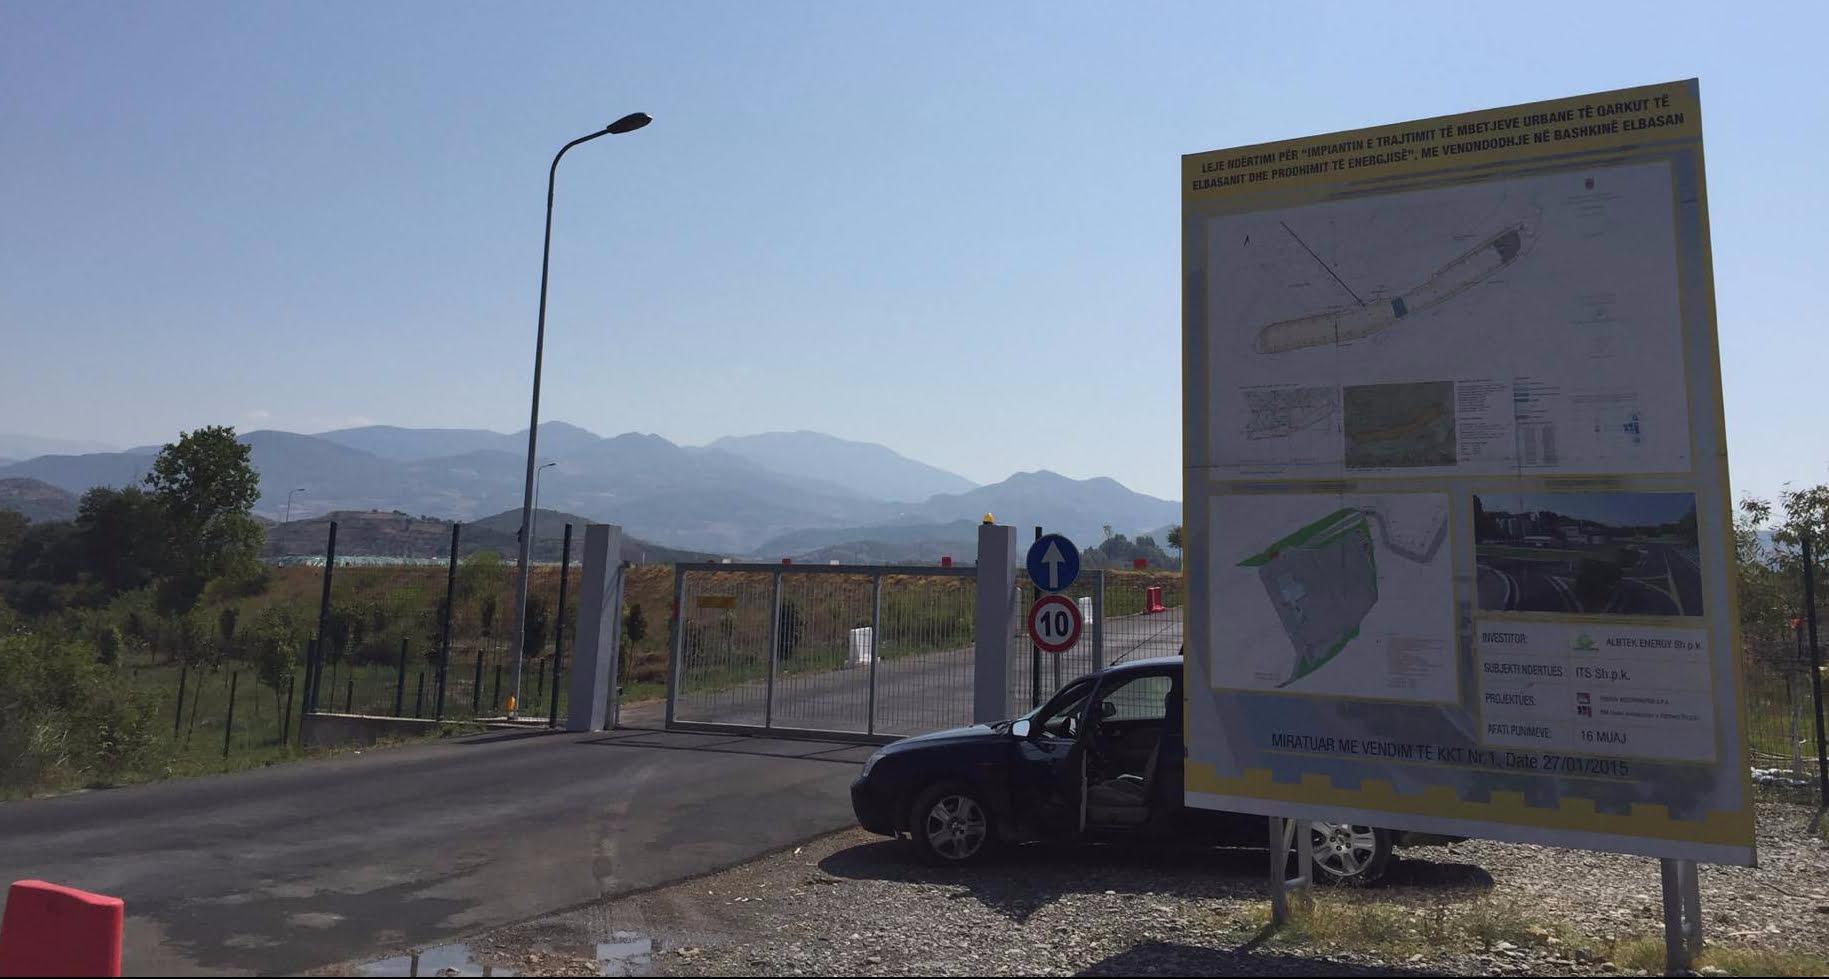 Hyrja për në inceneratorin e Elbasanit. Foto: El.Gj / Citizens Channel